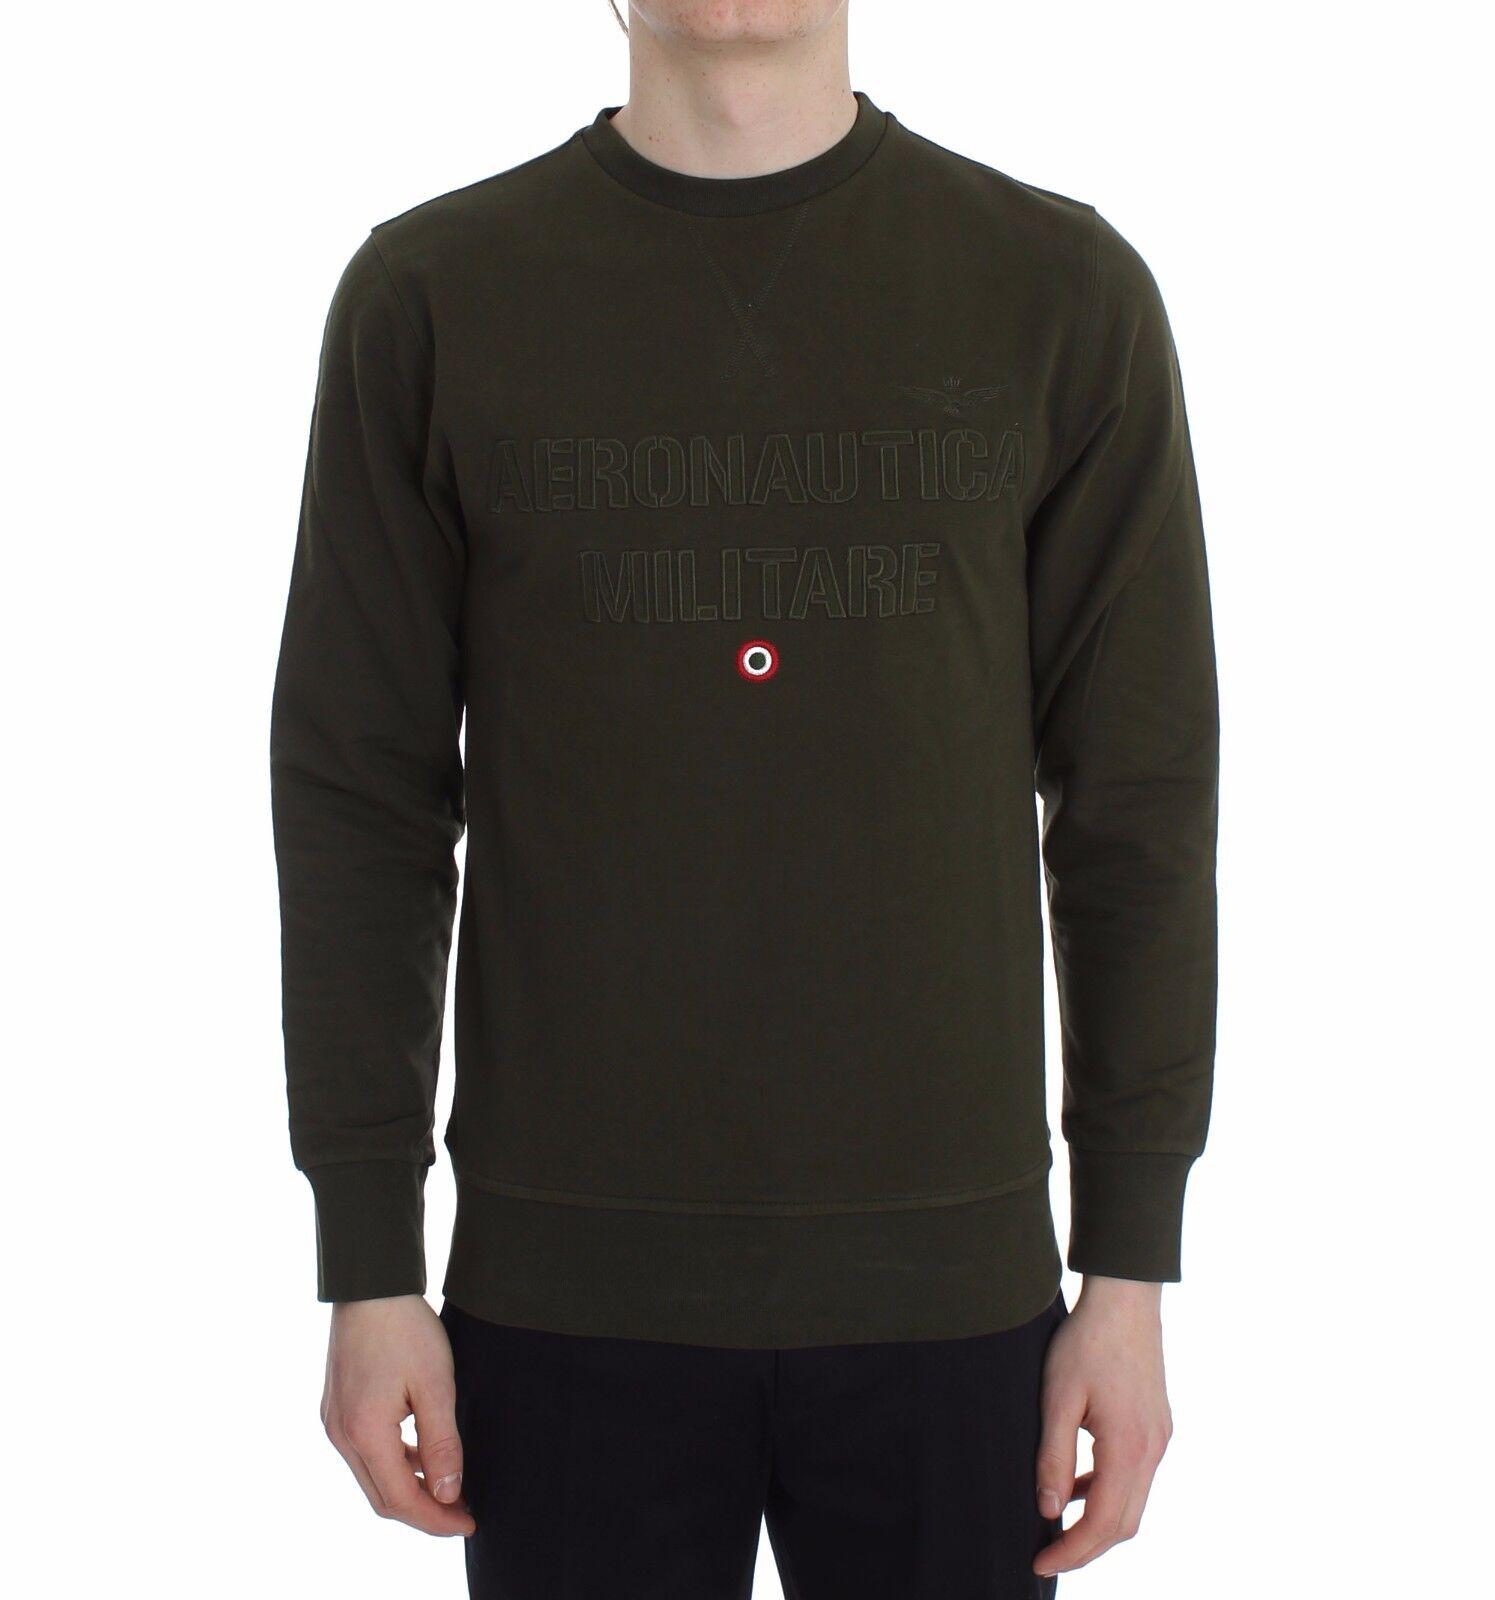 Nuevo Aeronautica Militare Jersey verde Algodón Elástico Cuello rojoondo S.  XXL  mejor marca